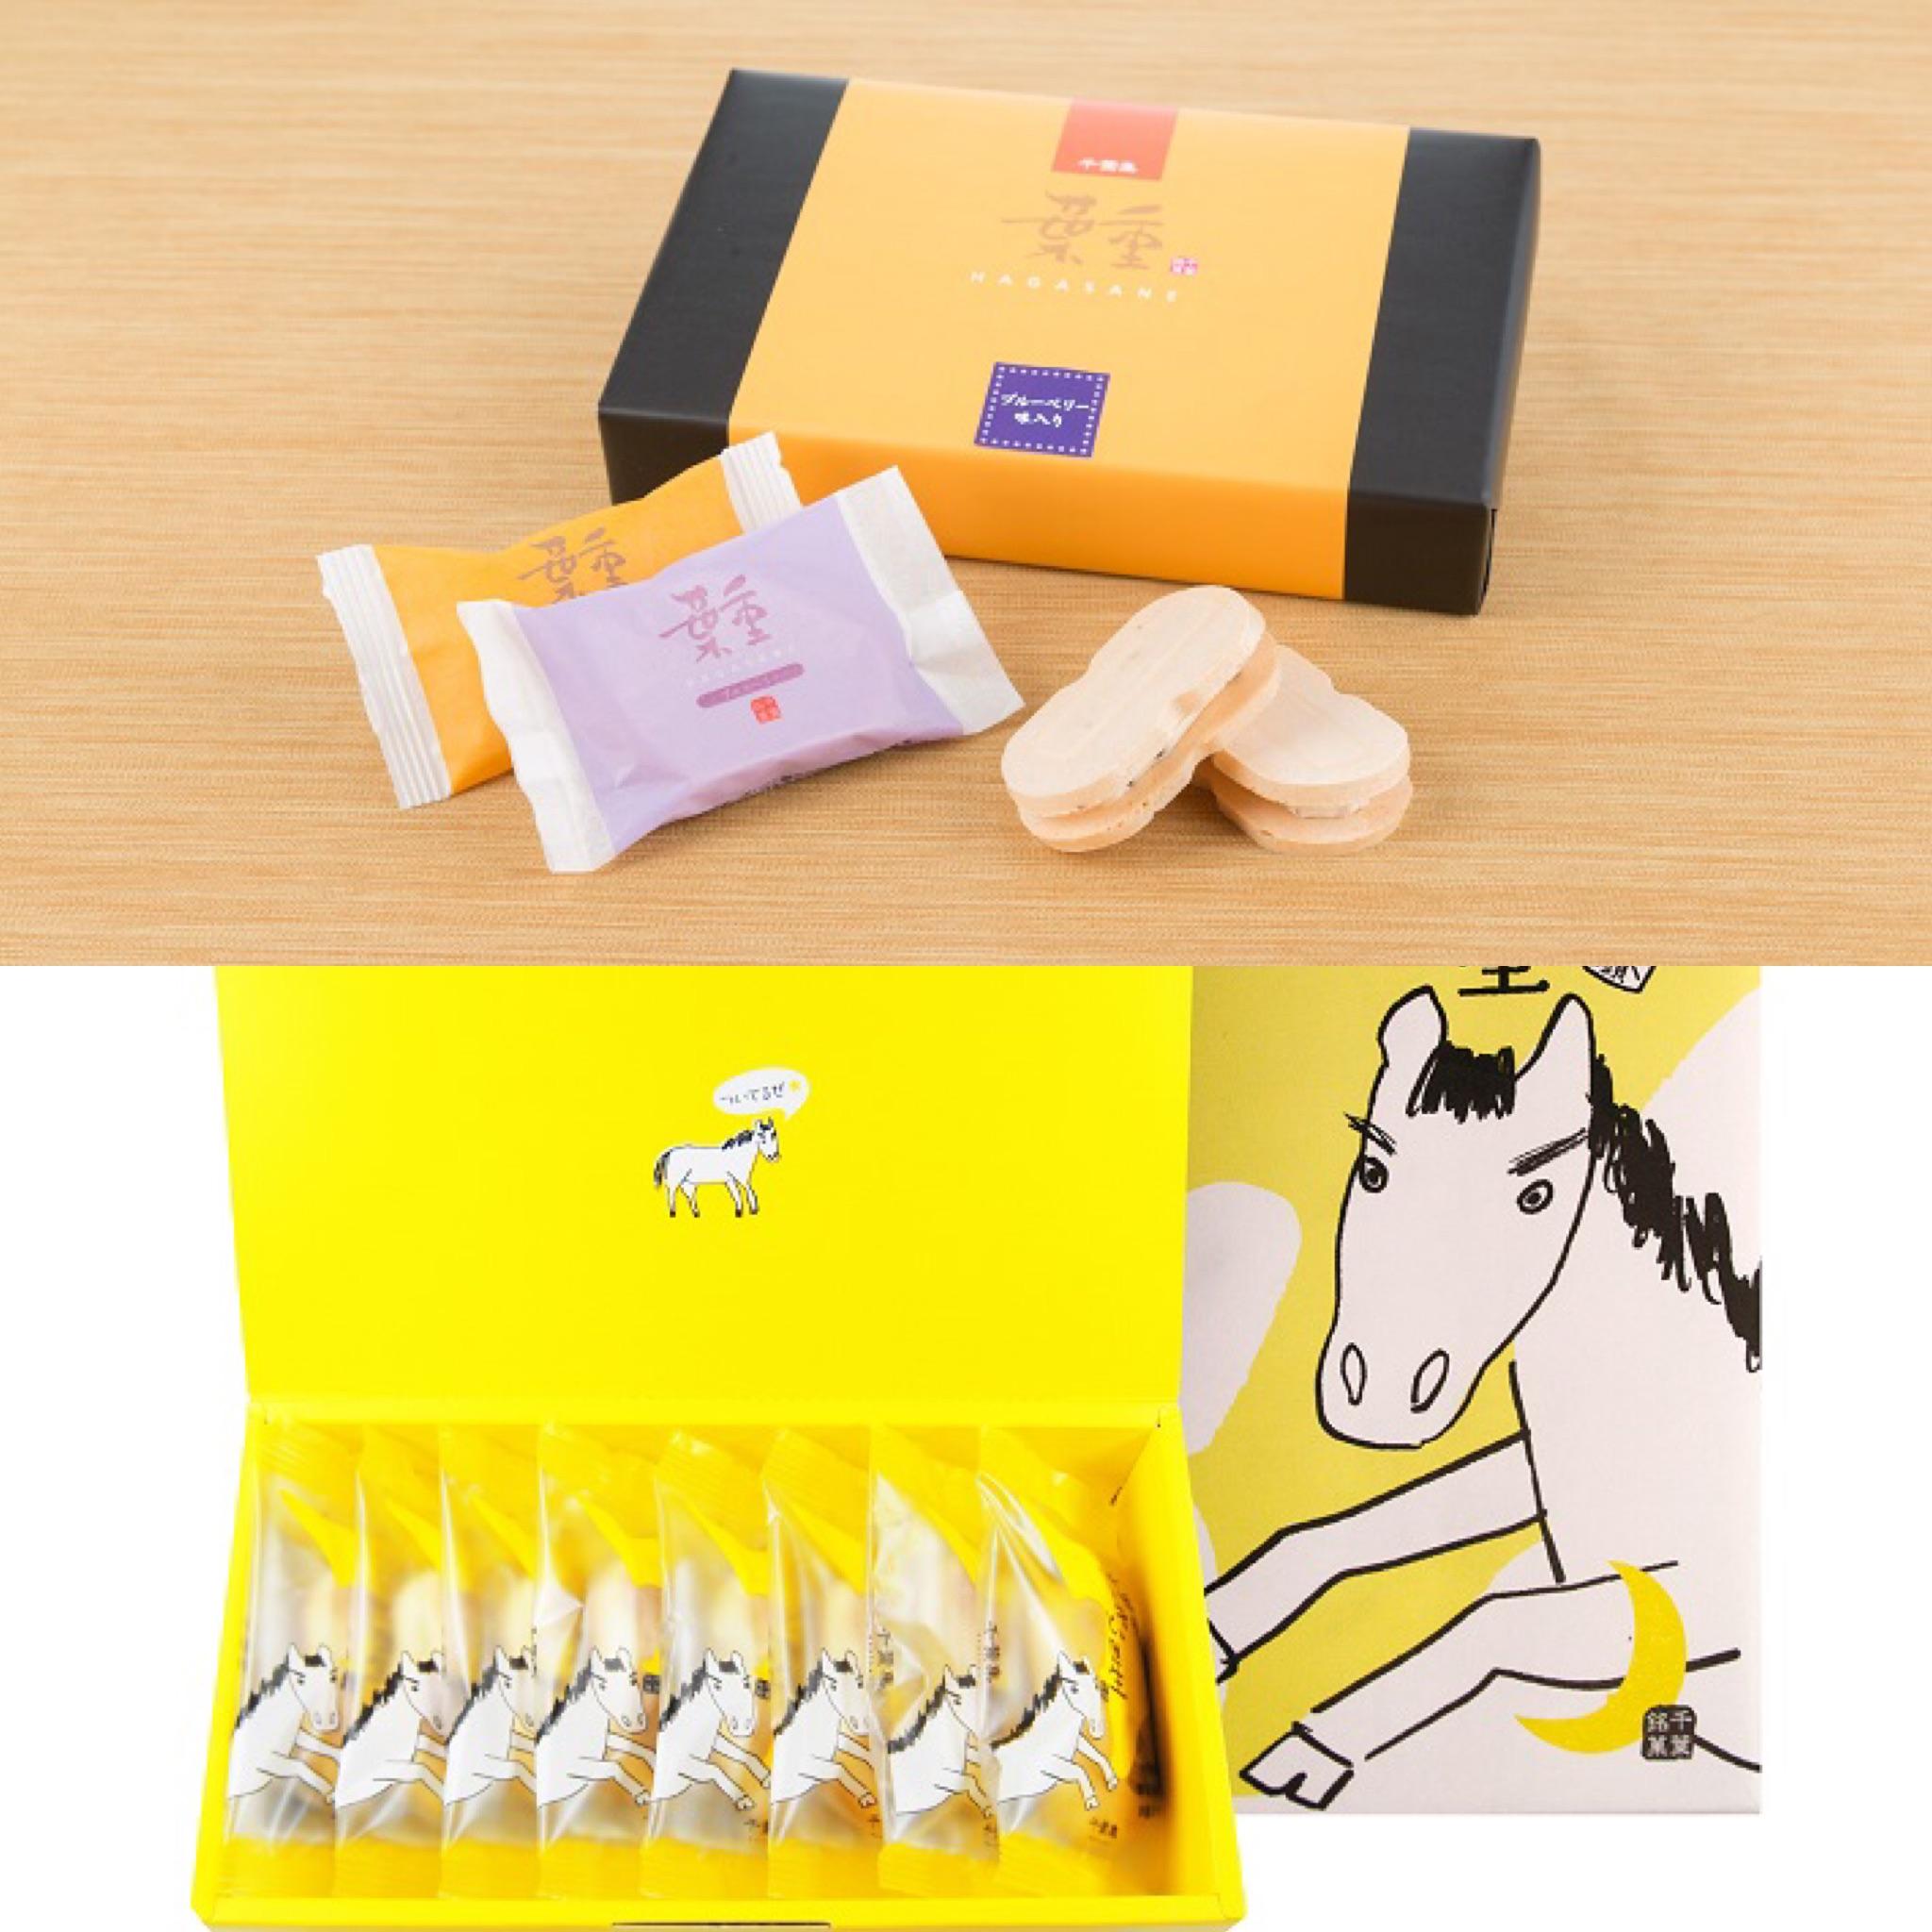 千葉県内の菓子メーカー4社が集まり商品を開発いたブランド千葉集(せんようしゅう)